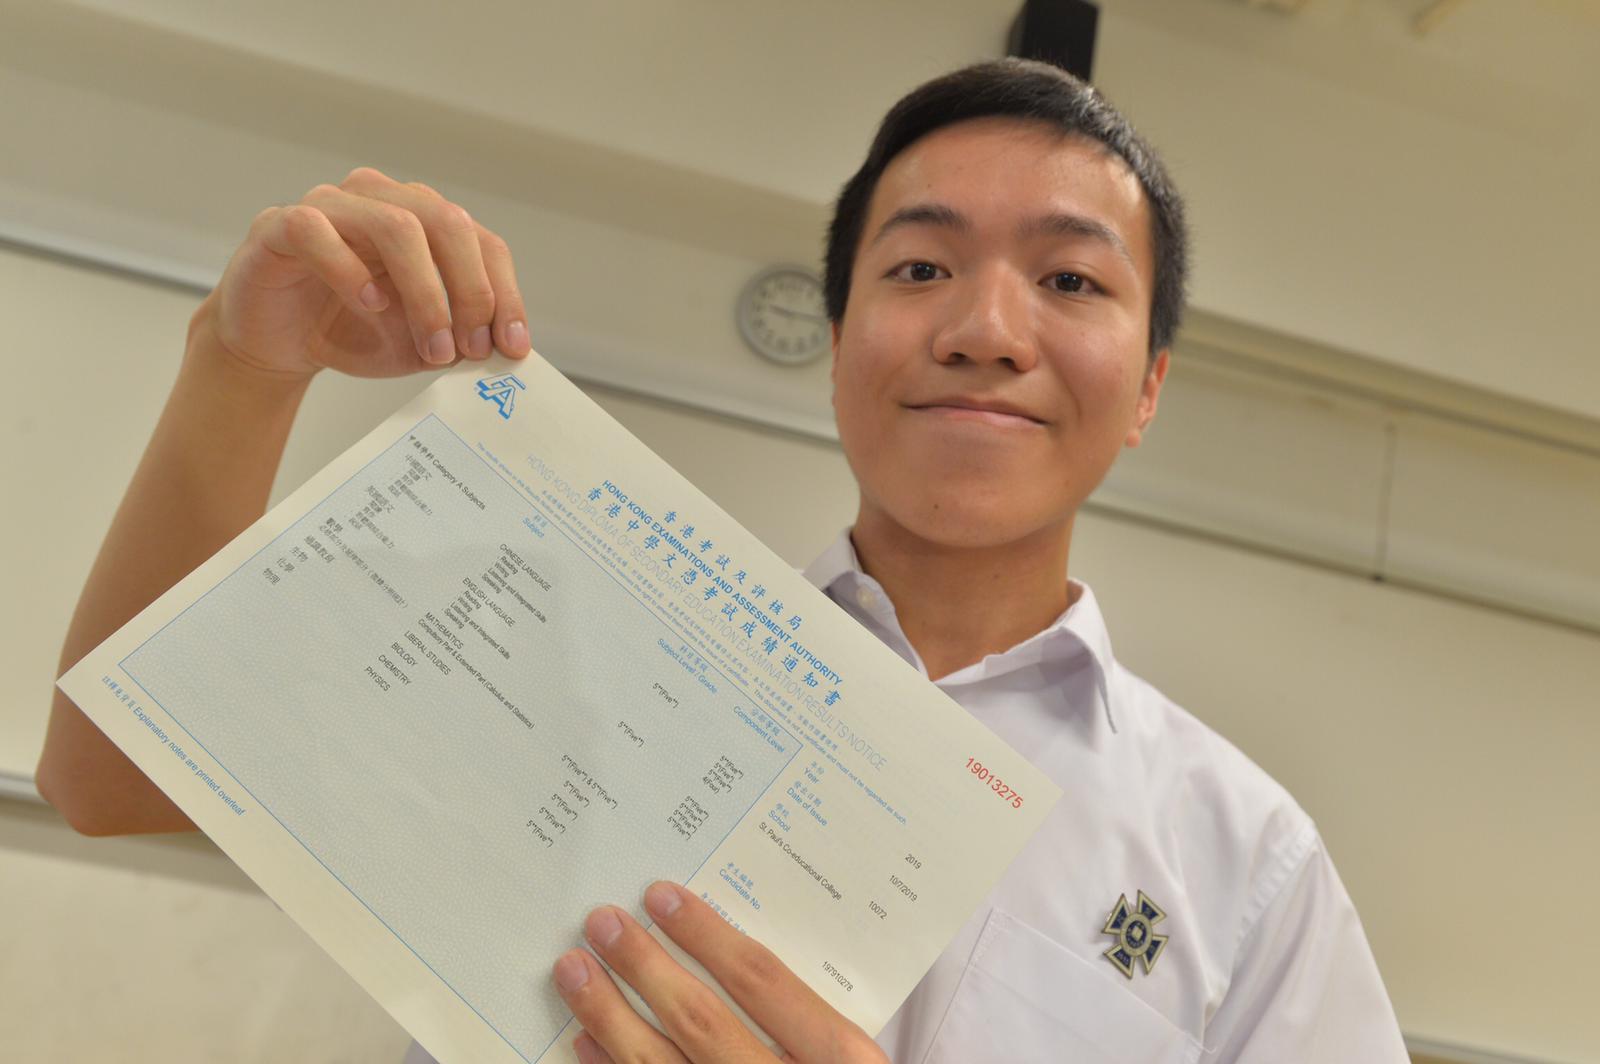 甘浚祺希望成為醫生幫助更多病童。